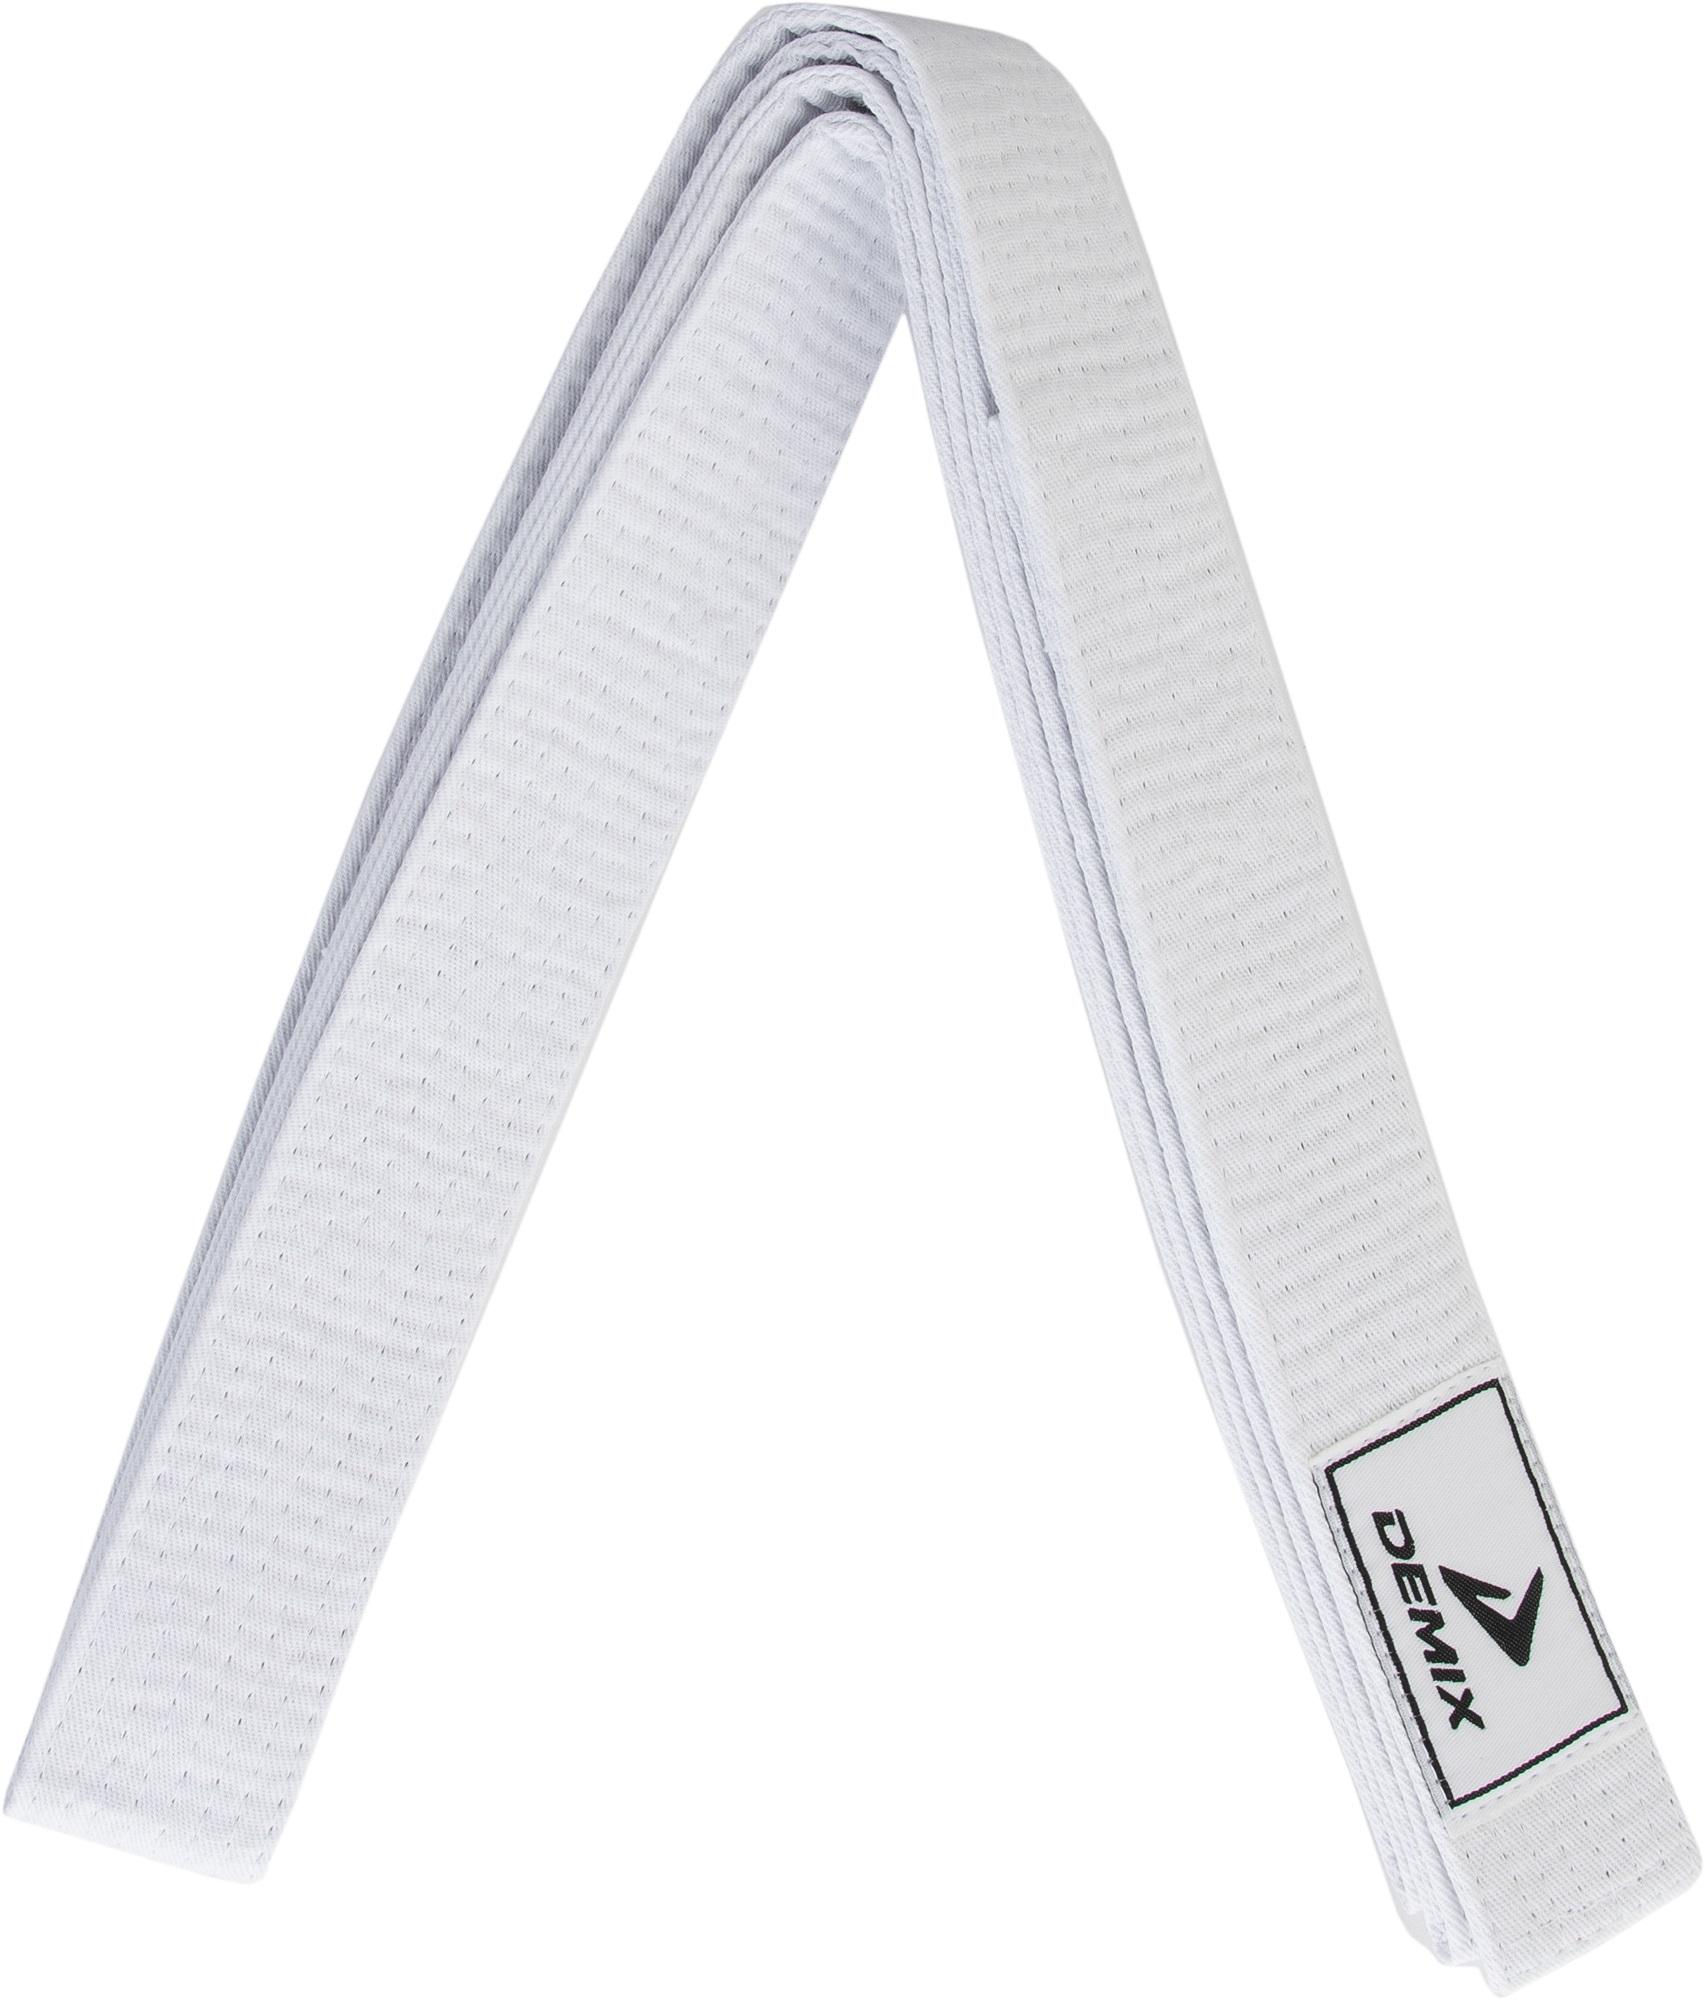 Demix Пояс для кимоно Demix, 280 см цена и фото